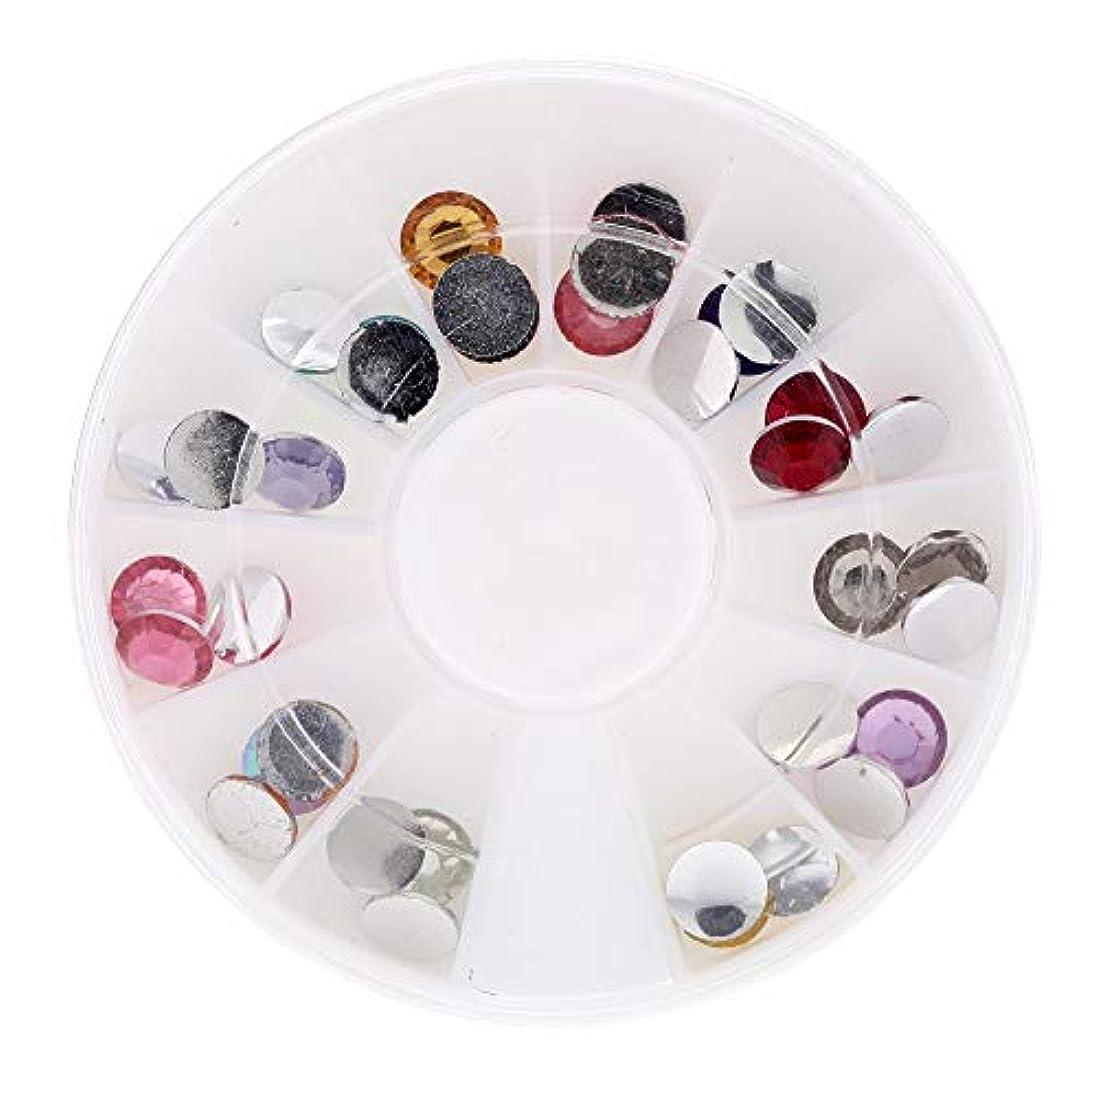 多用途比類なき悪質なラインストーン ネイル用ストーン ガラス 製 大容量 DIY ネイルデザイン ミックスパーツ カラフルな宝石 3d キラキラ ネイル用品 マニキュアツー ネイルステッカー